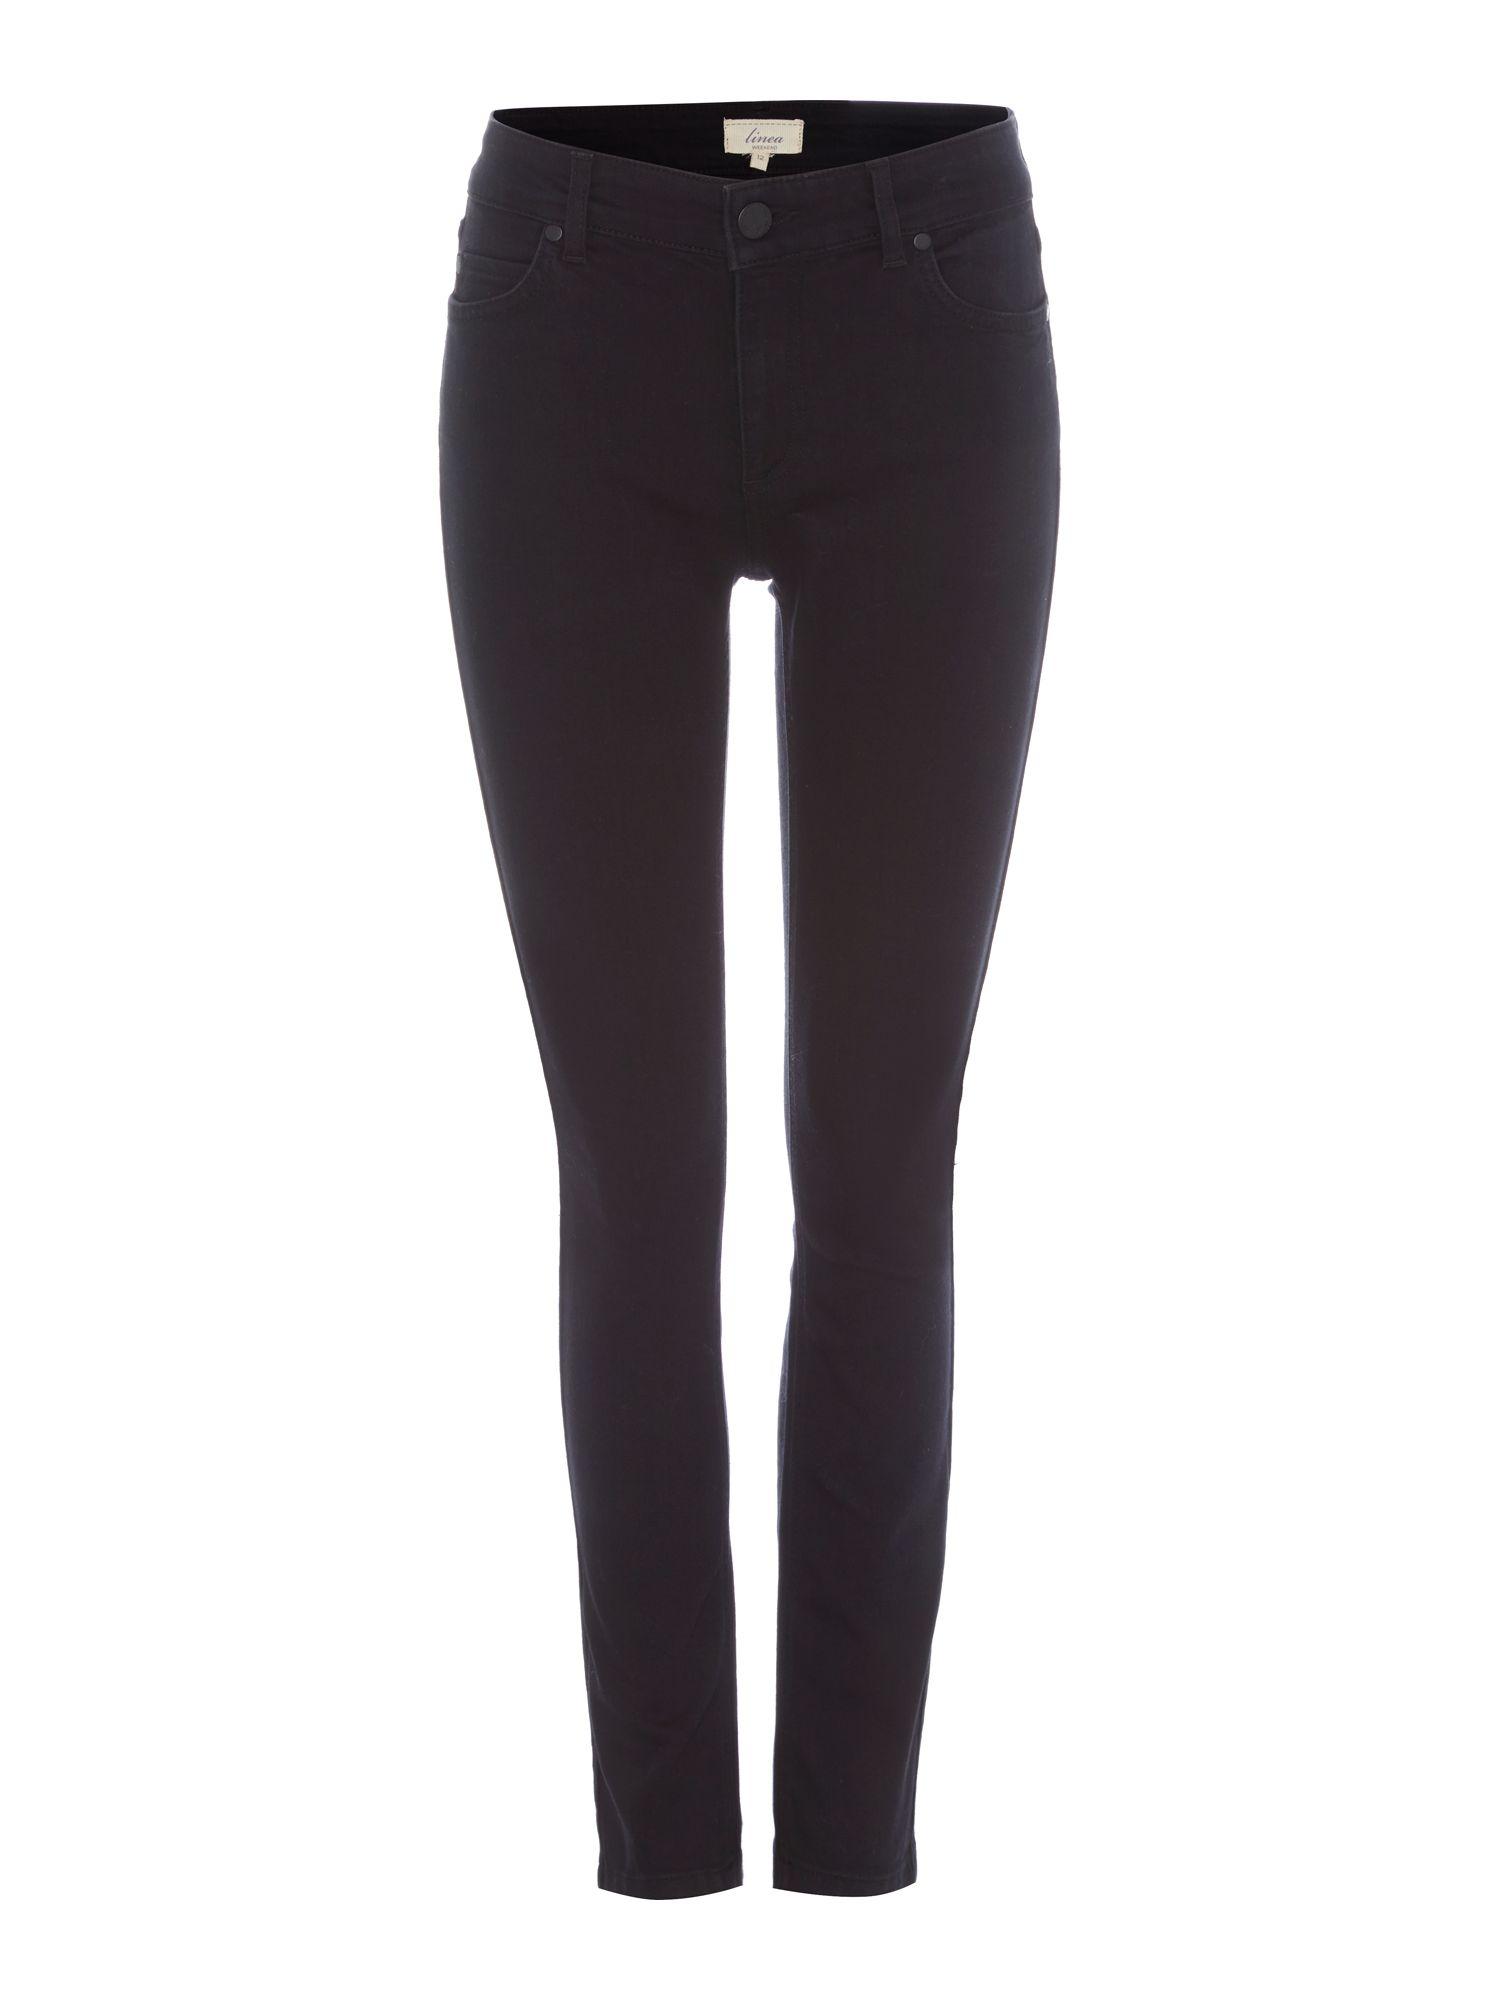 Linea weekend Ladies Black Slim Leg Jeans in Black | Lyst